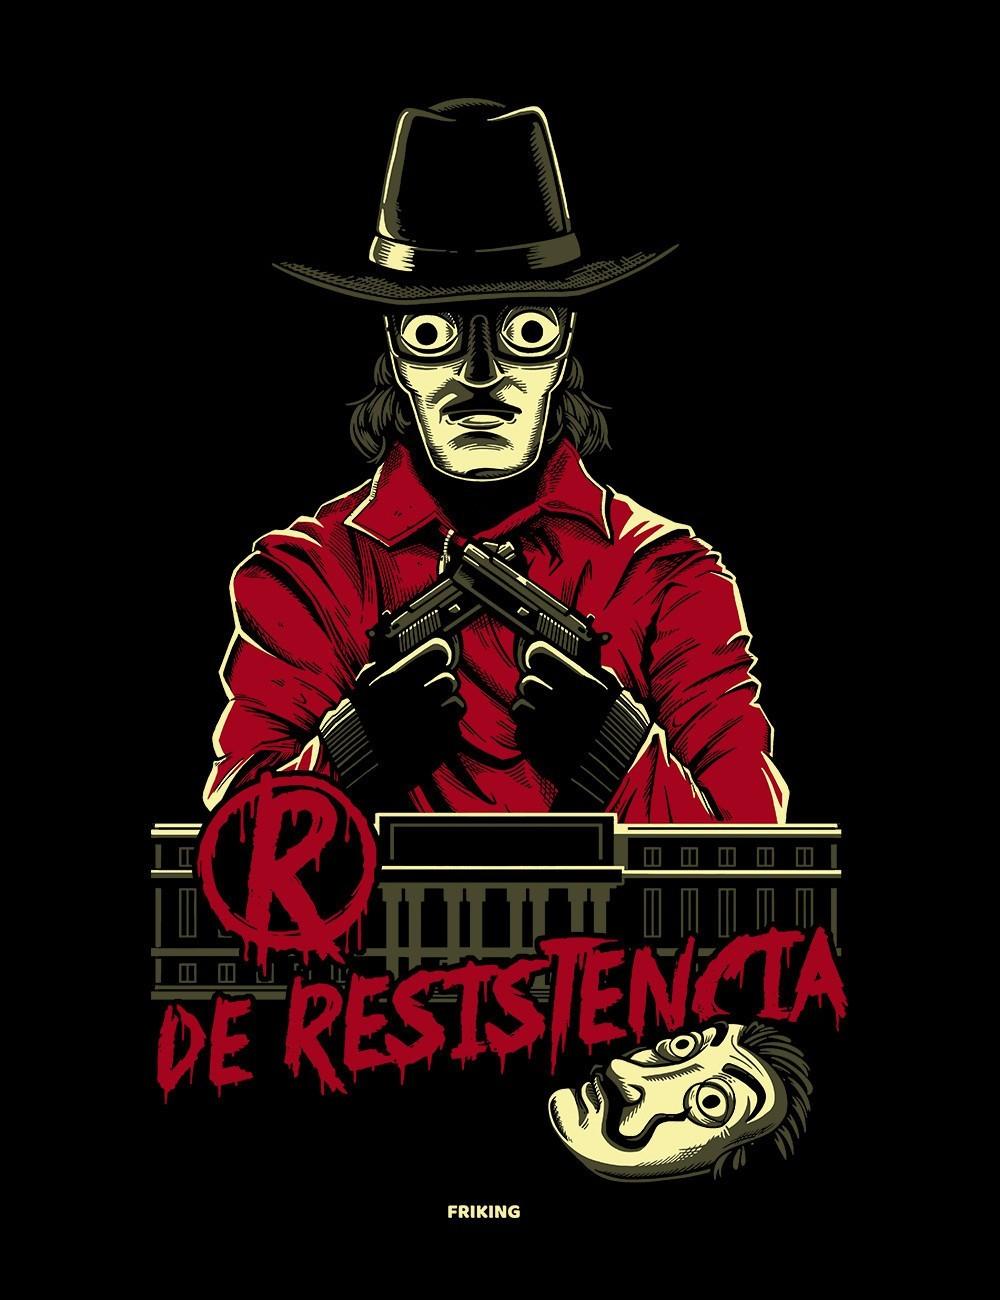 R de Resistencia